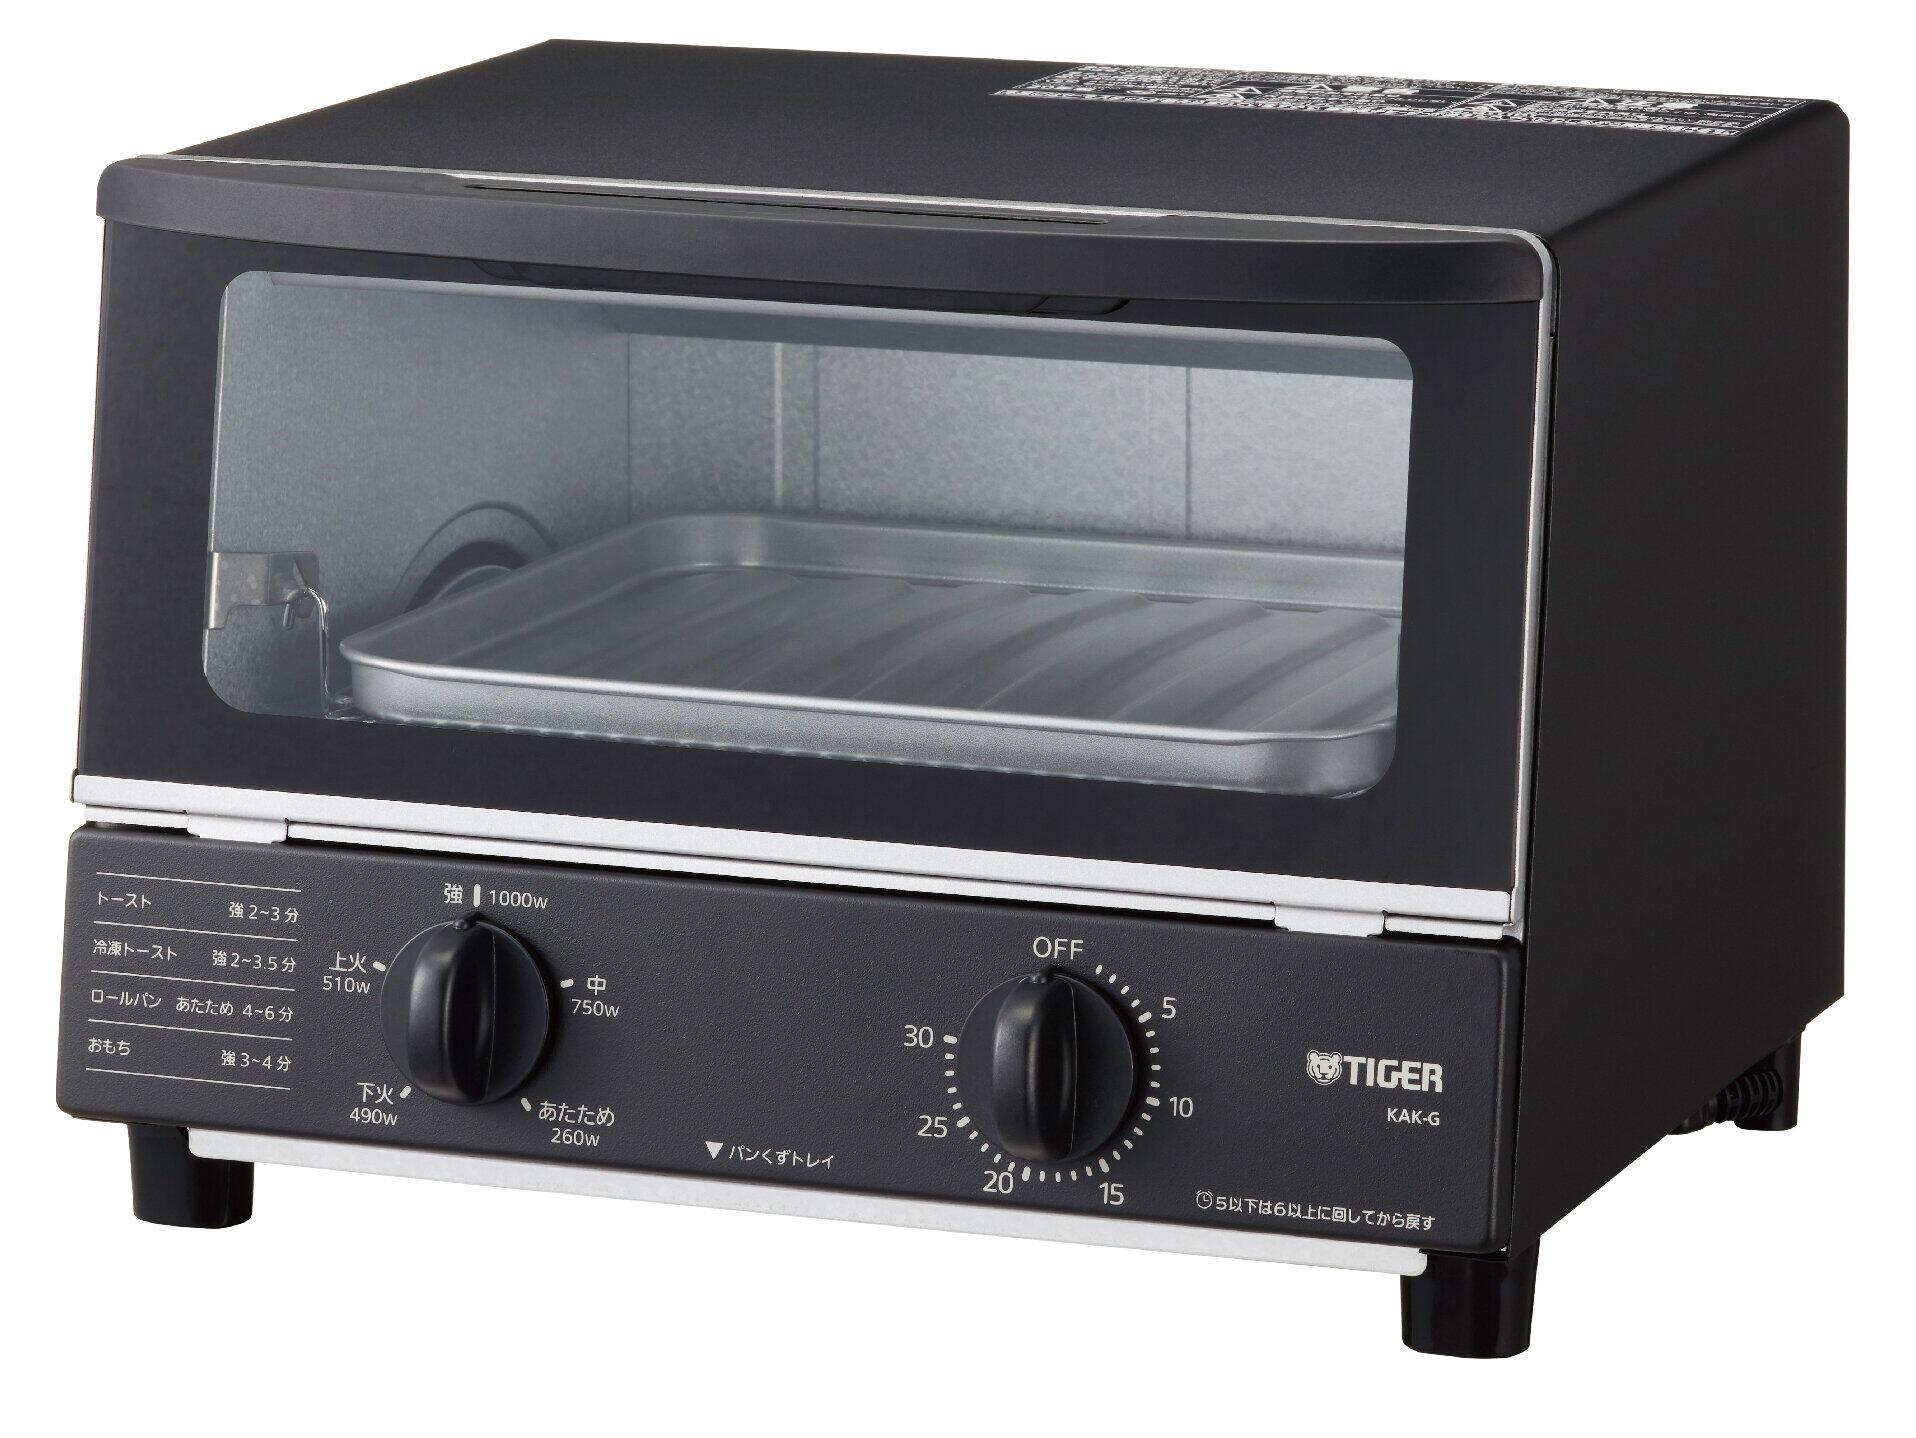 コンパクトながらトースト2枚が焼けるオーブントースター